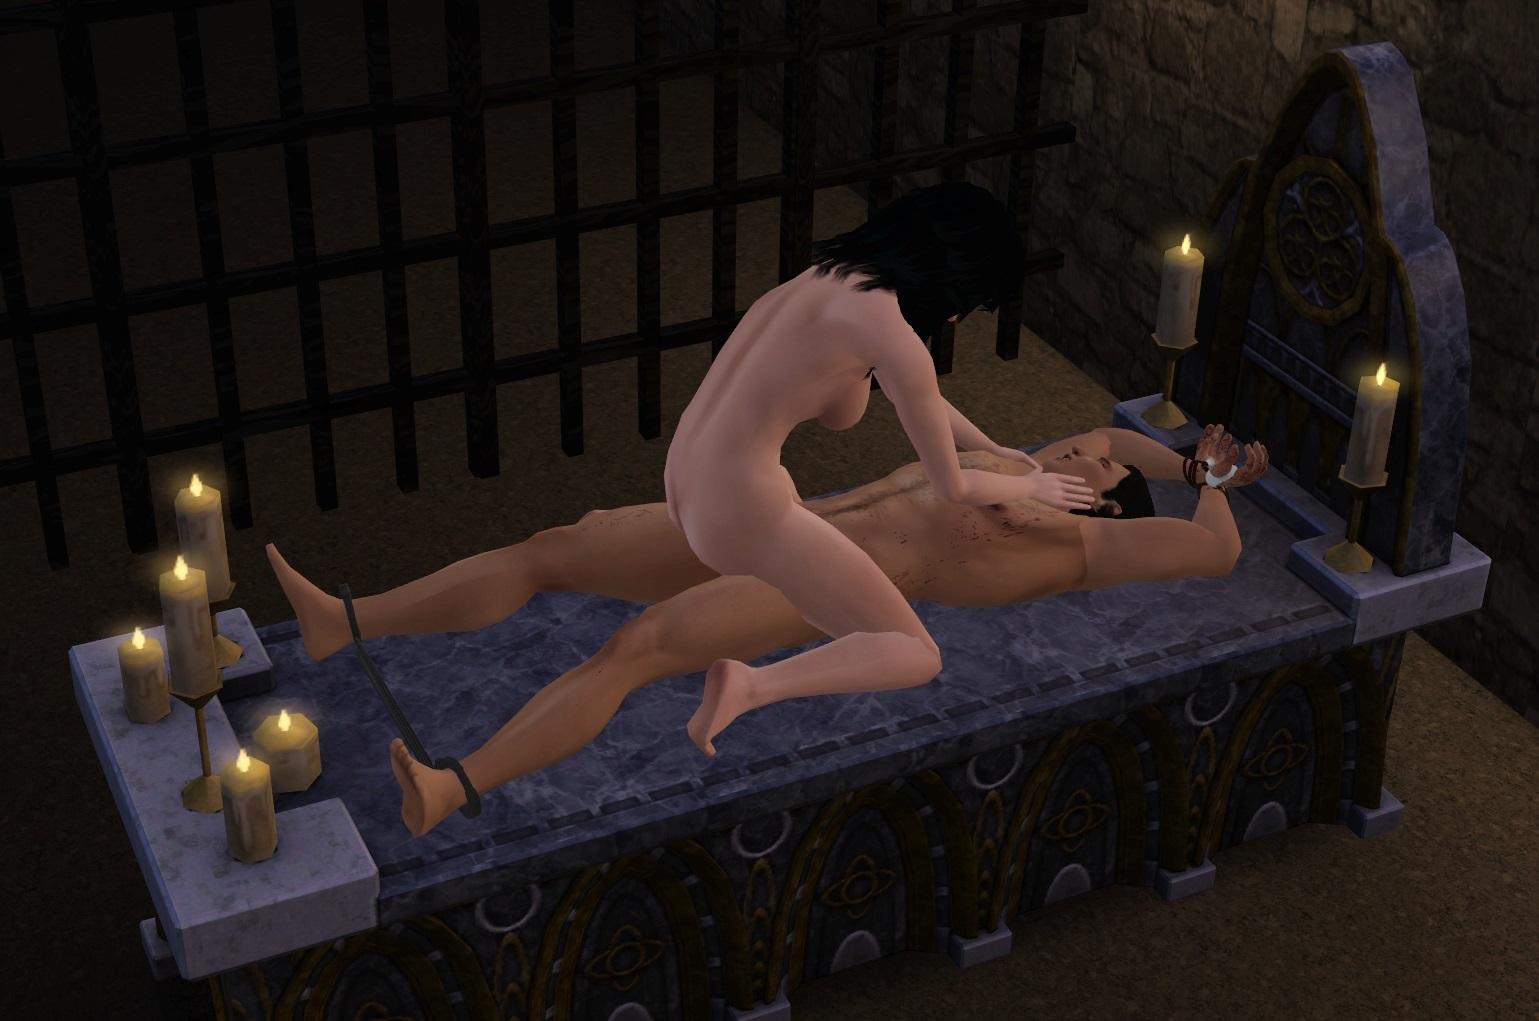 Fine looking naked women